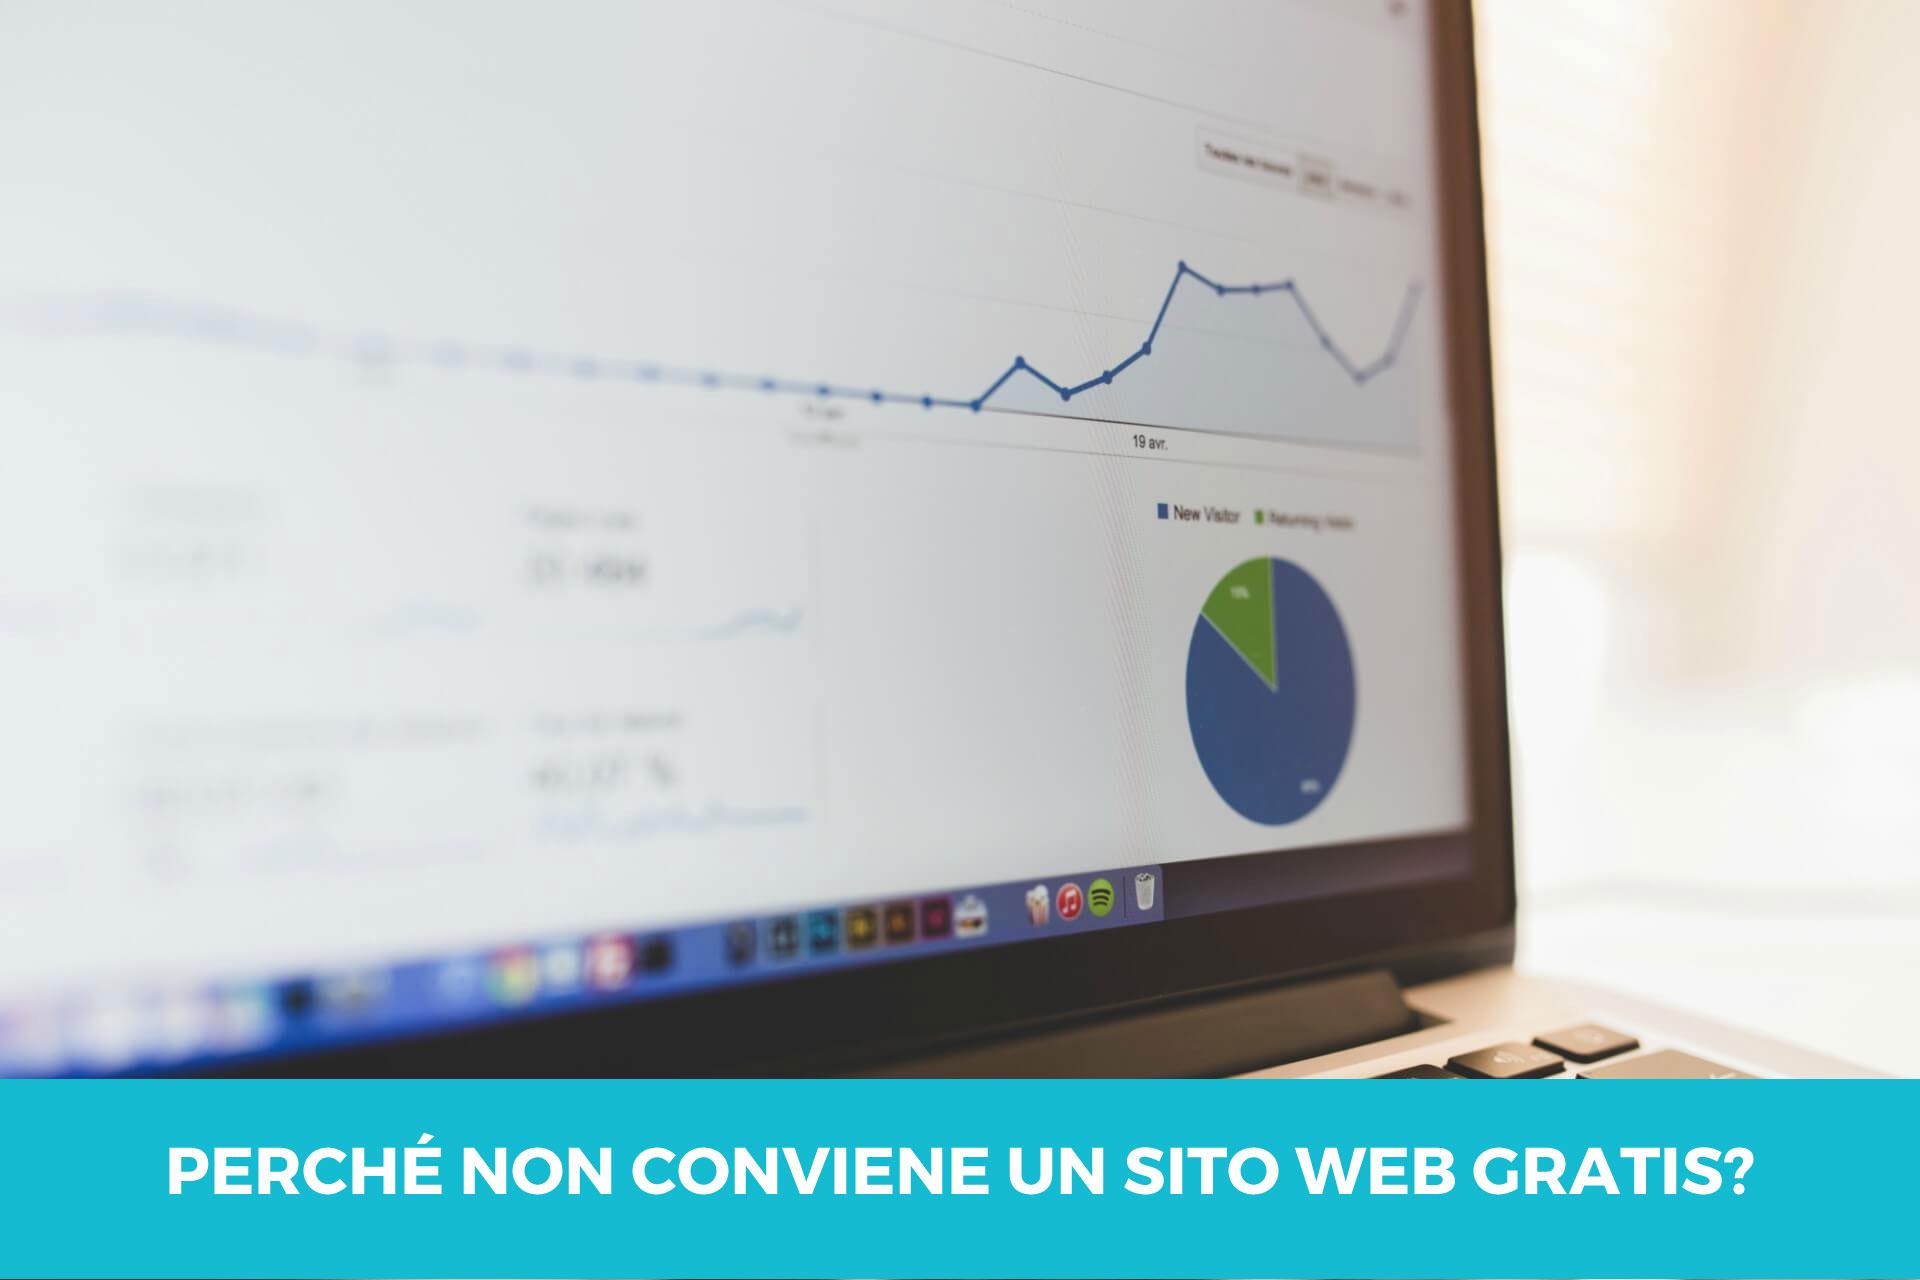 perchè-non-conviene-un-sito-web-gratis-lv-design-realizzazione-siti-web-bologna